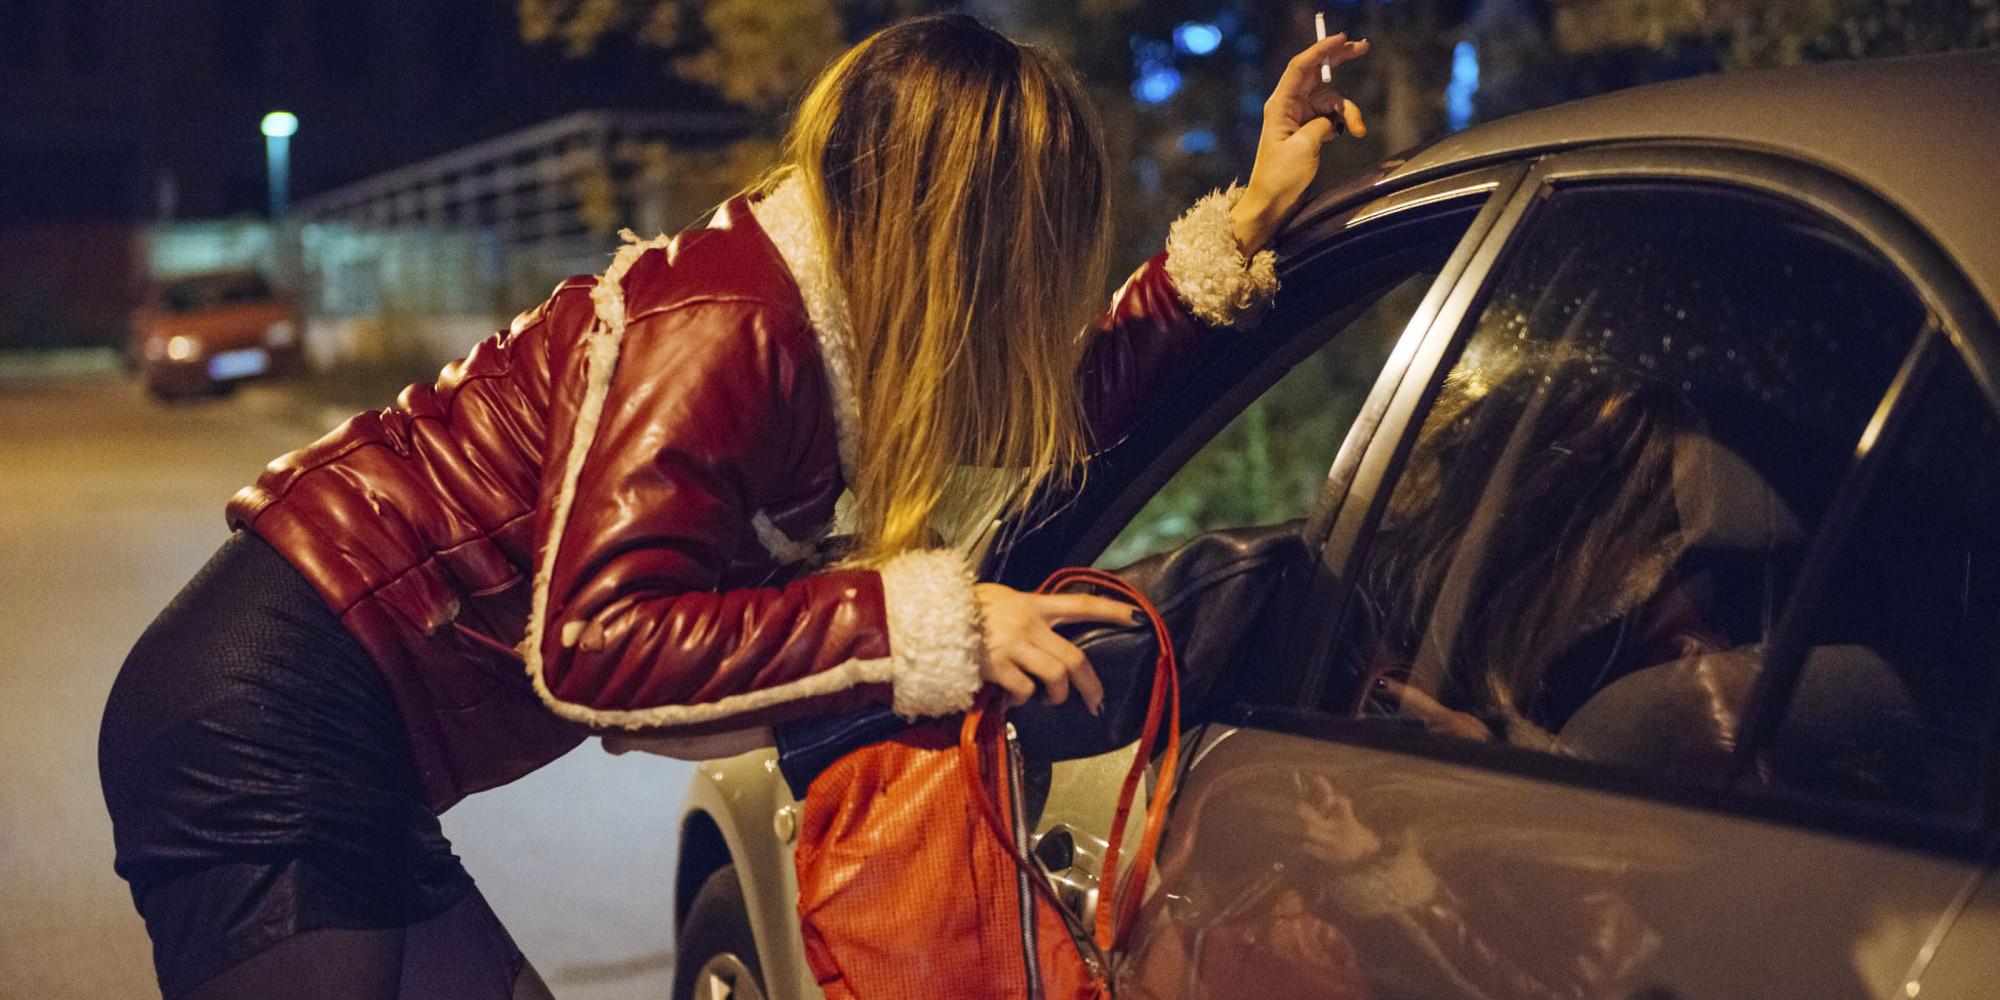 Фото шлюх на улицах, Снял на улице проститутку порно фото бесплатно на 5 фотография